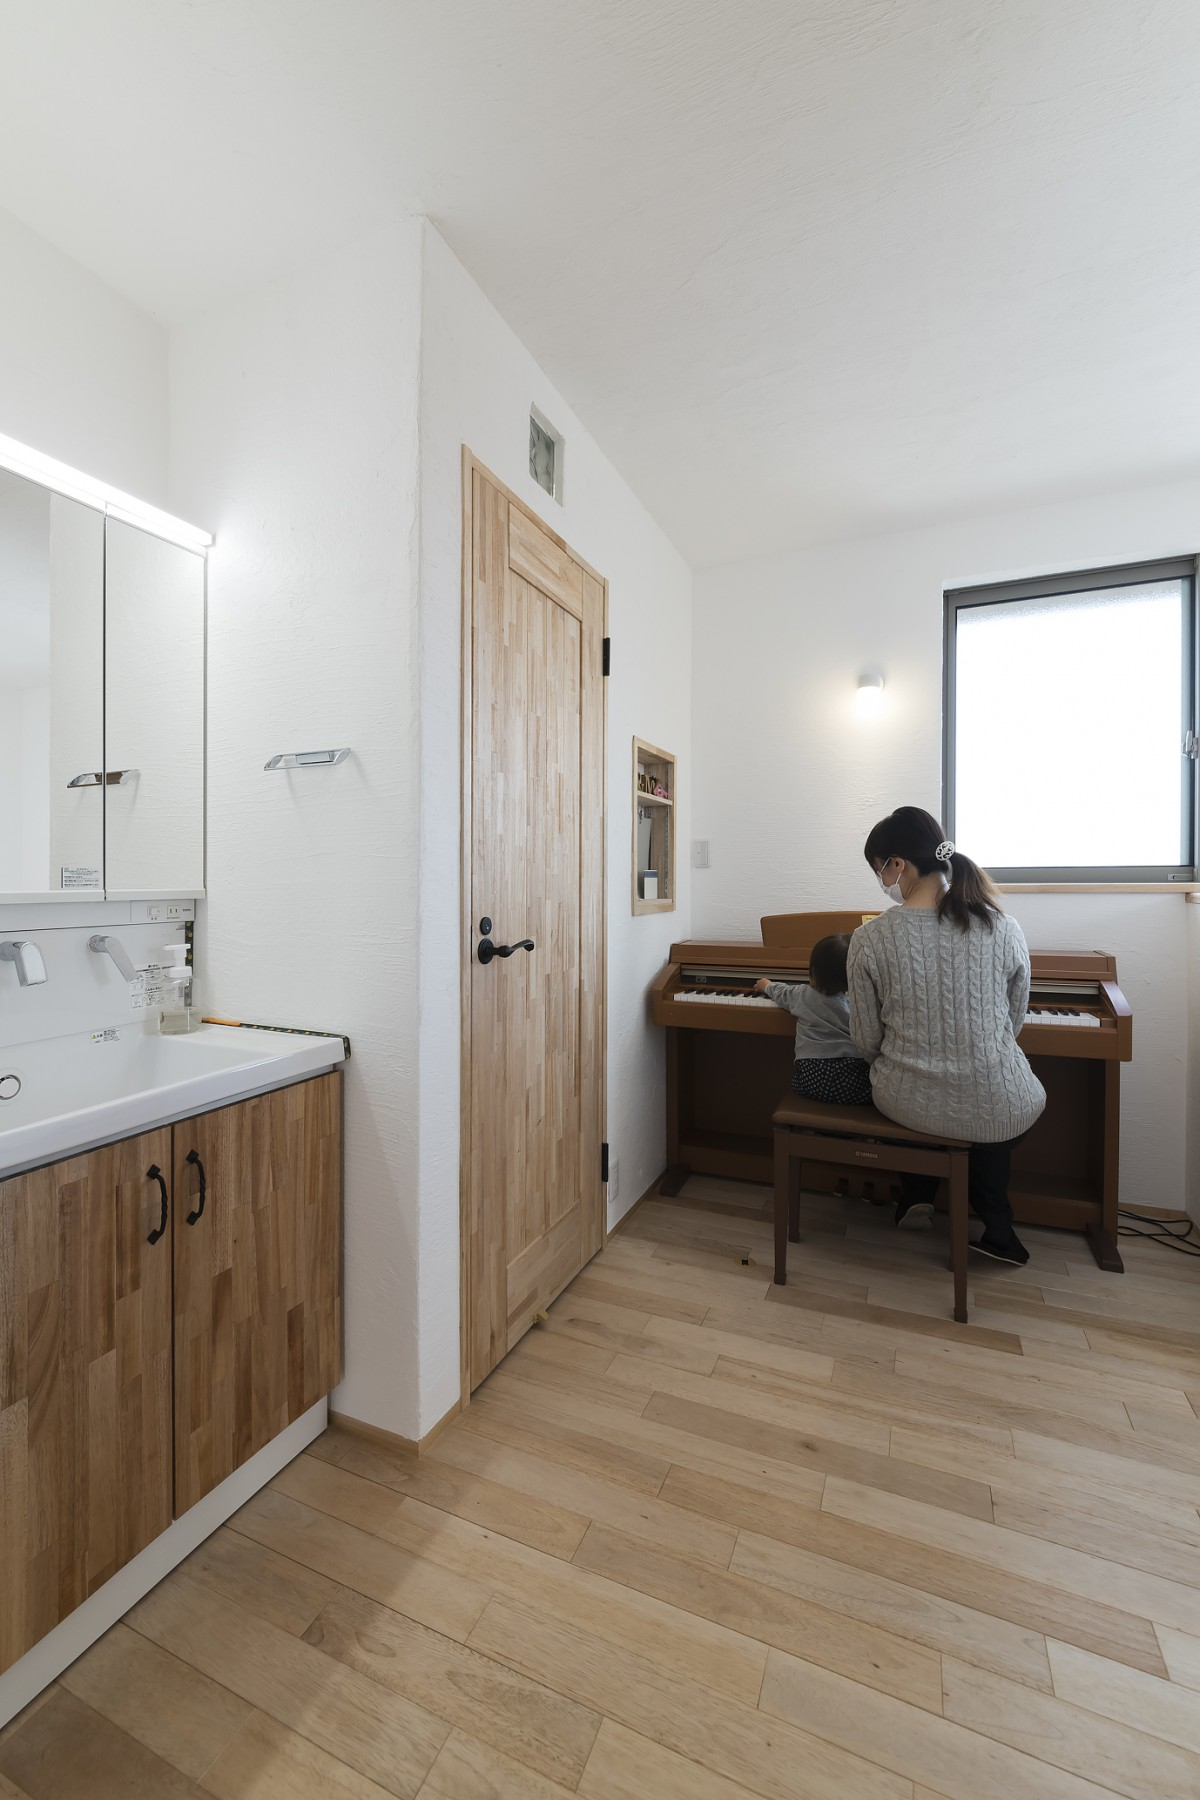 木の香と自然素材のやさしさに包まれ 心地いい時間とピアノホールのある家